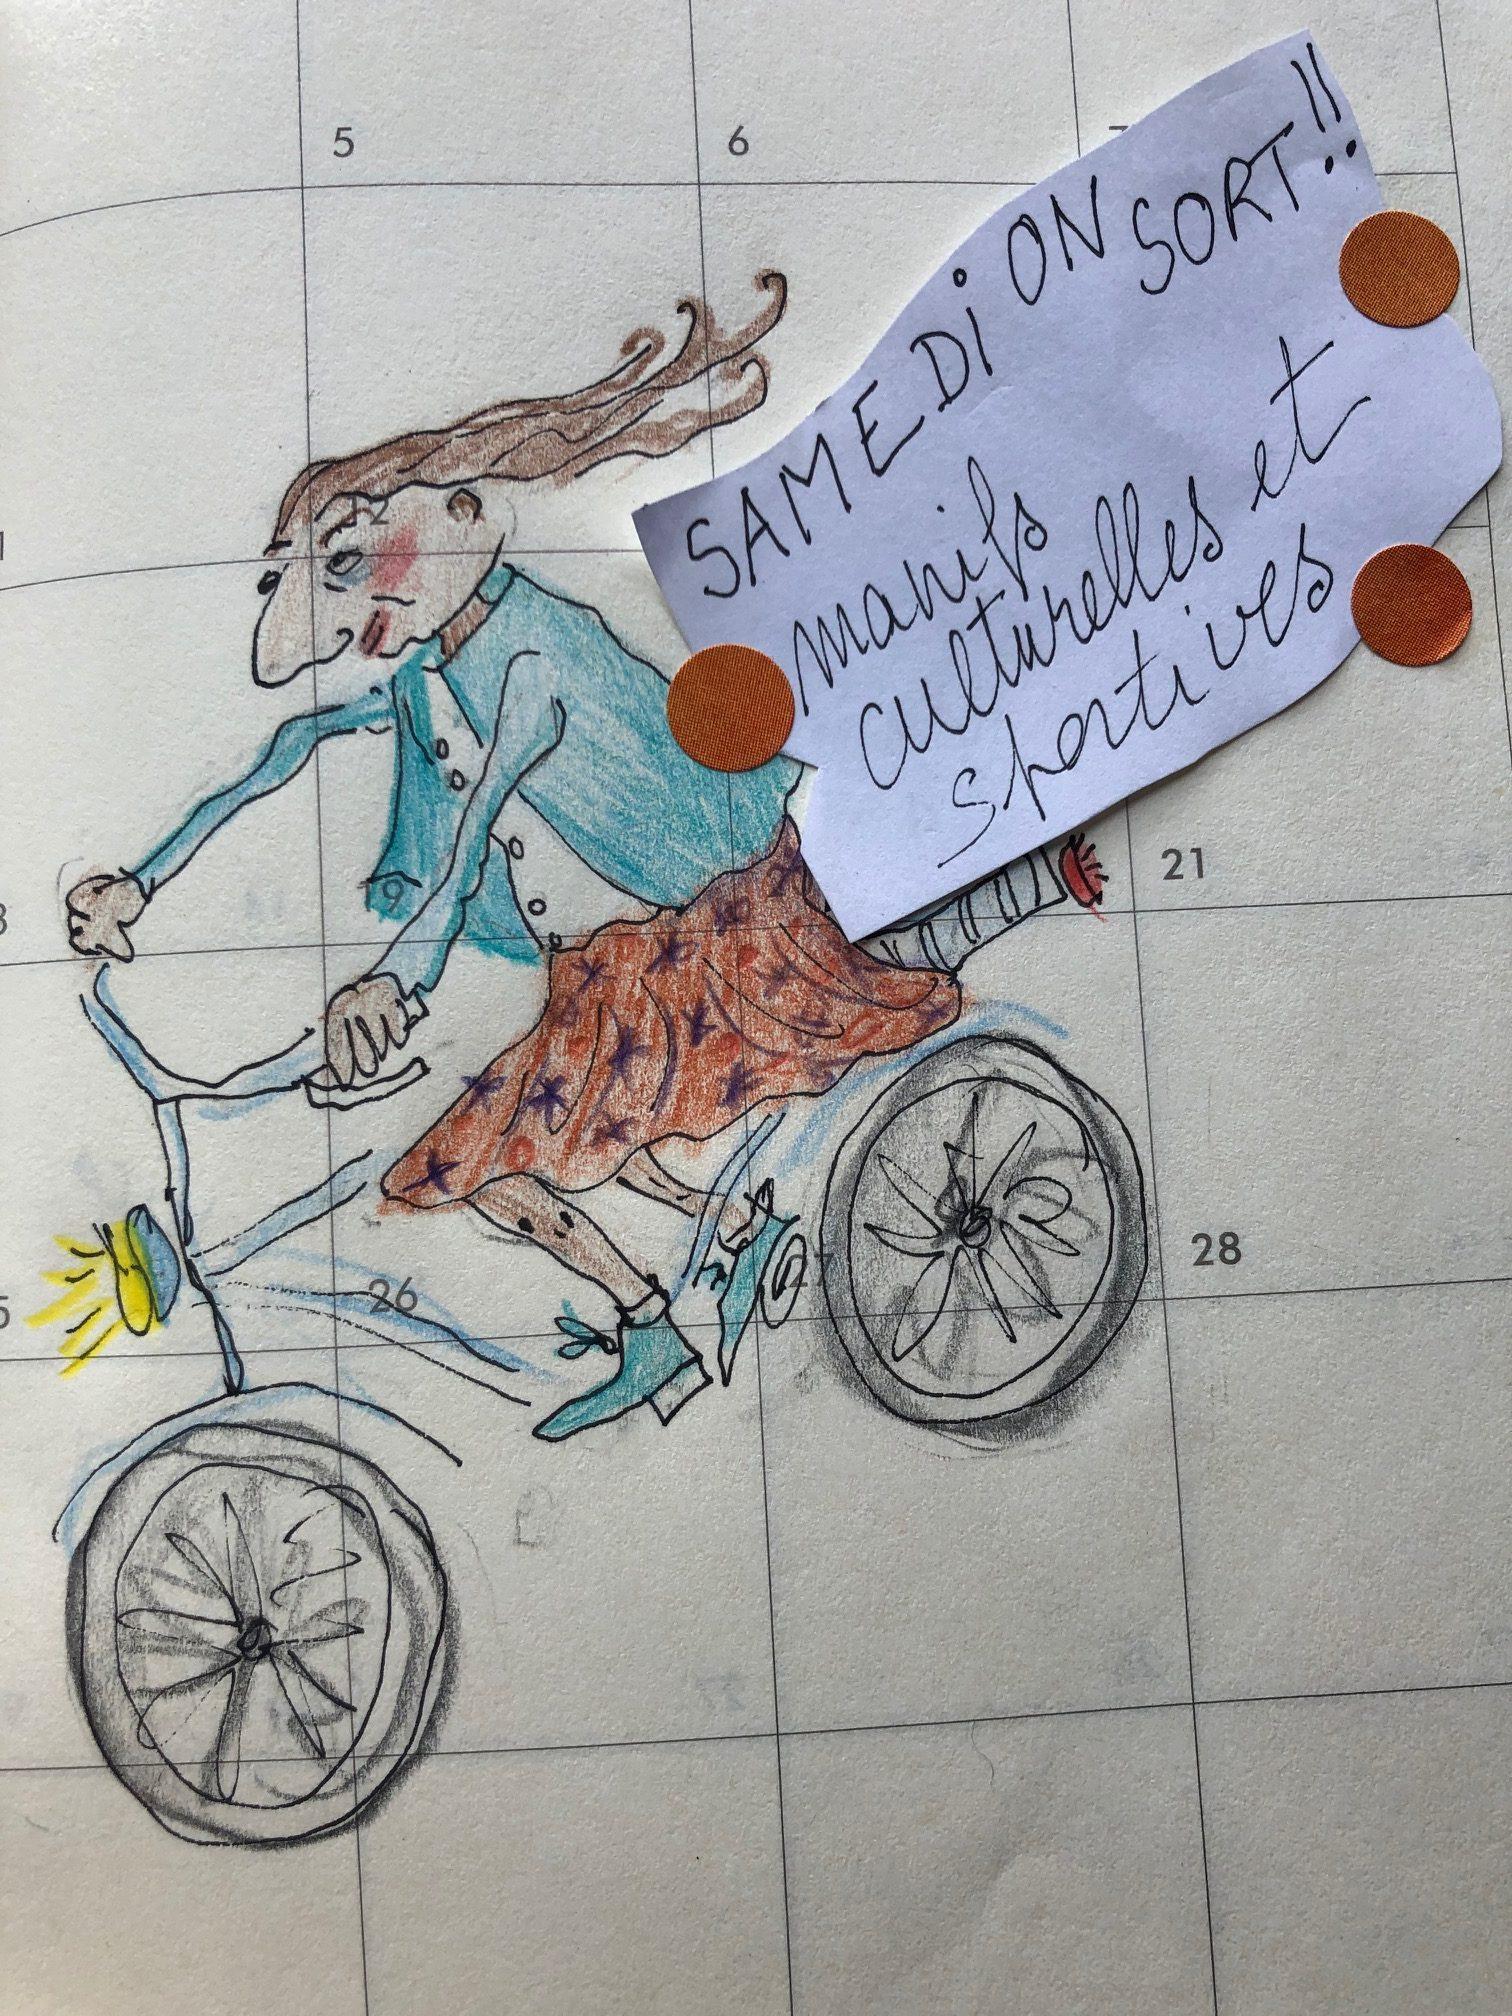 Samedi 20 mars, pour la culture et l'écologie, à Sète, on bouge!